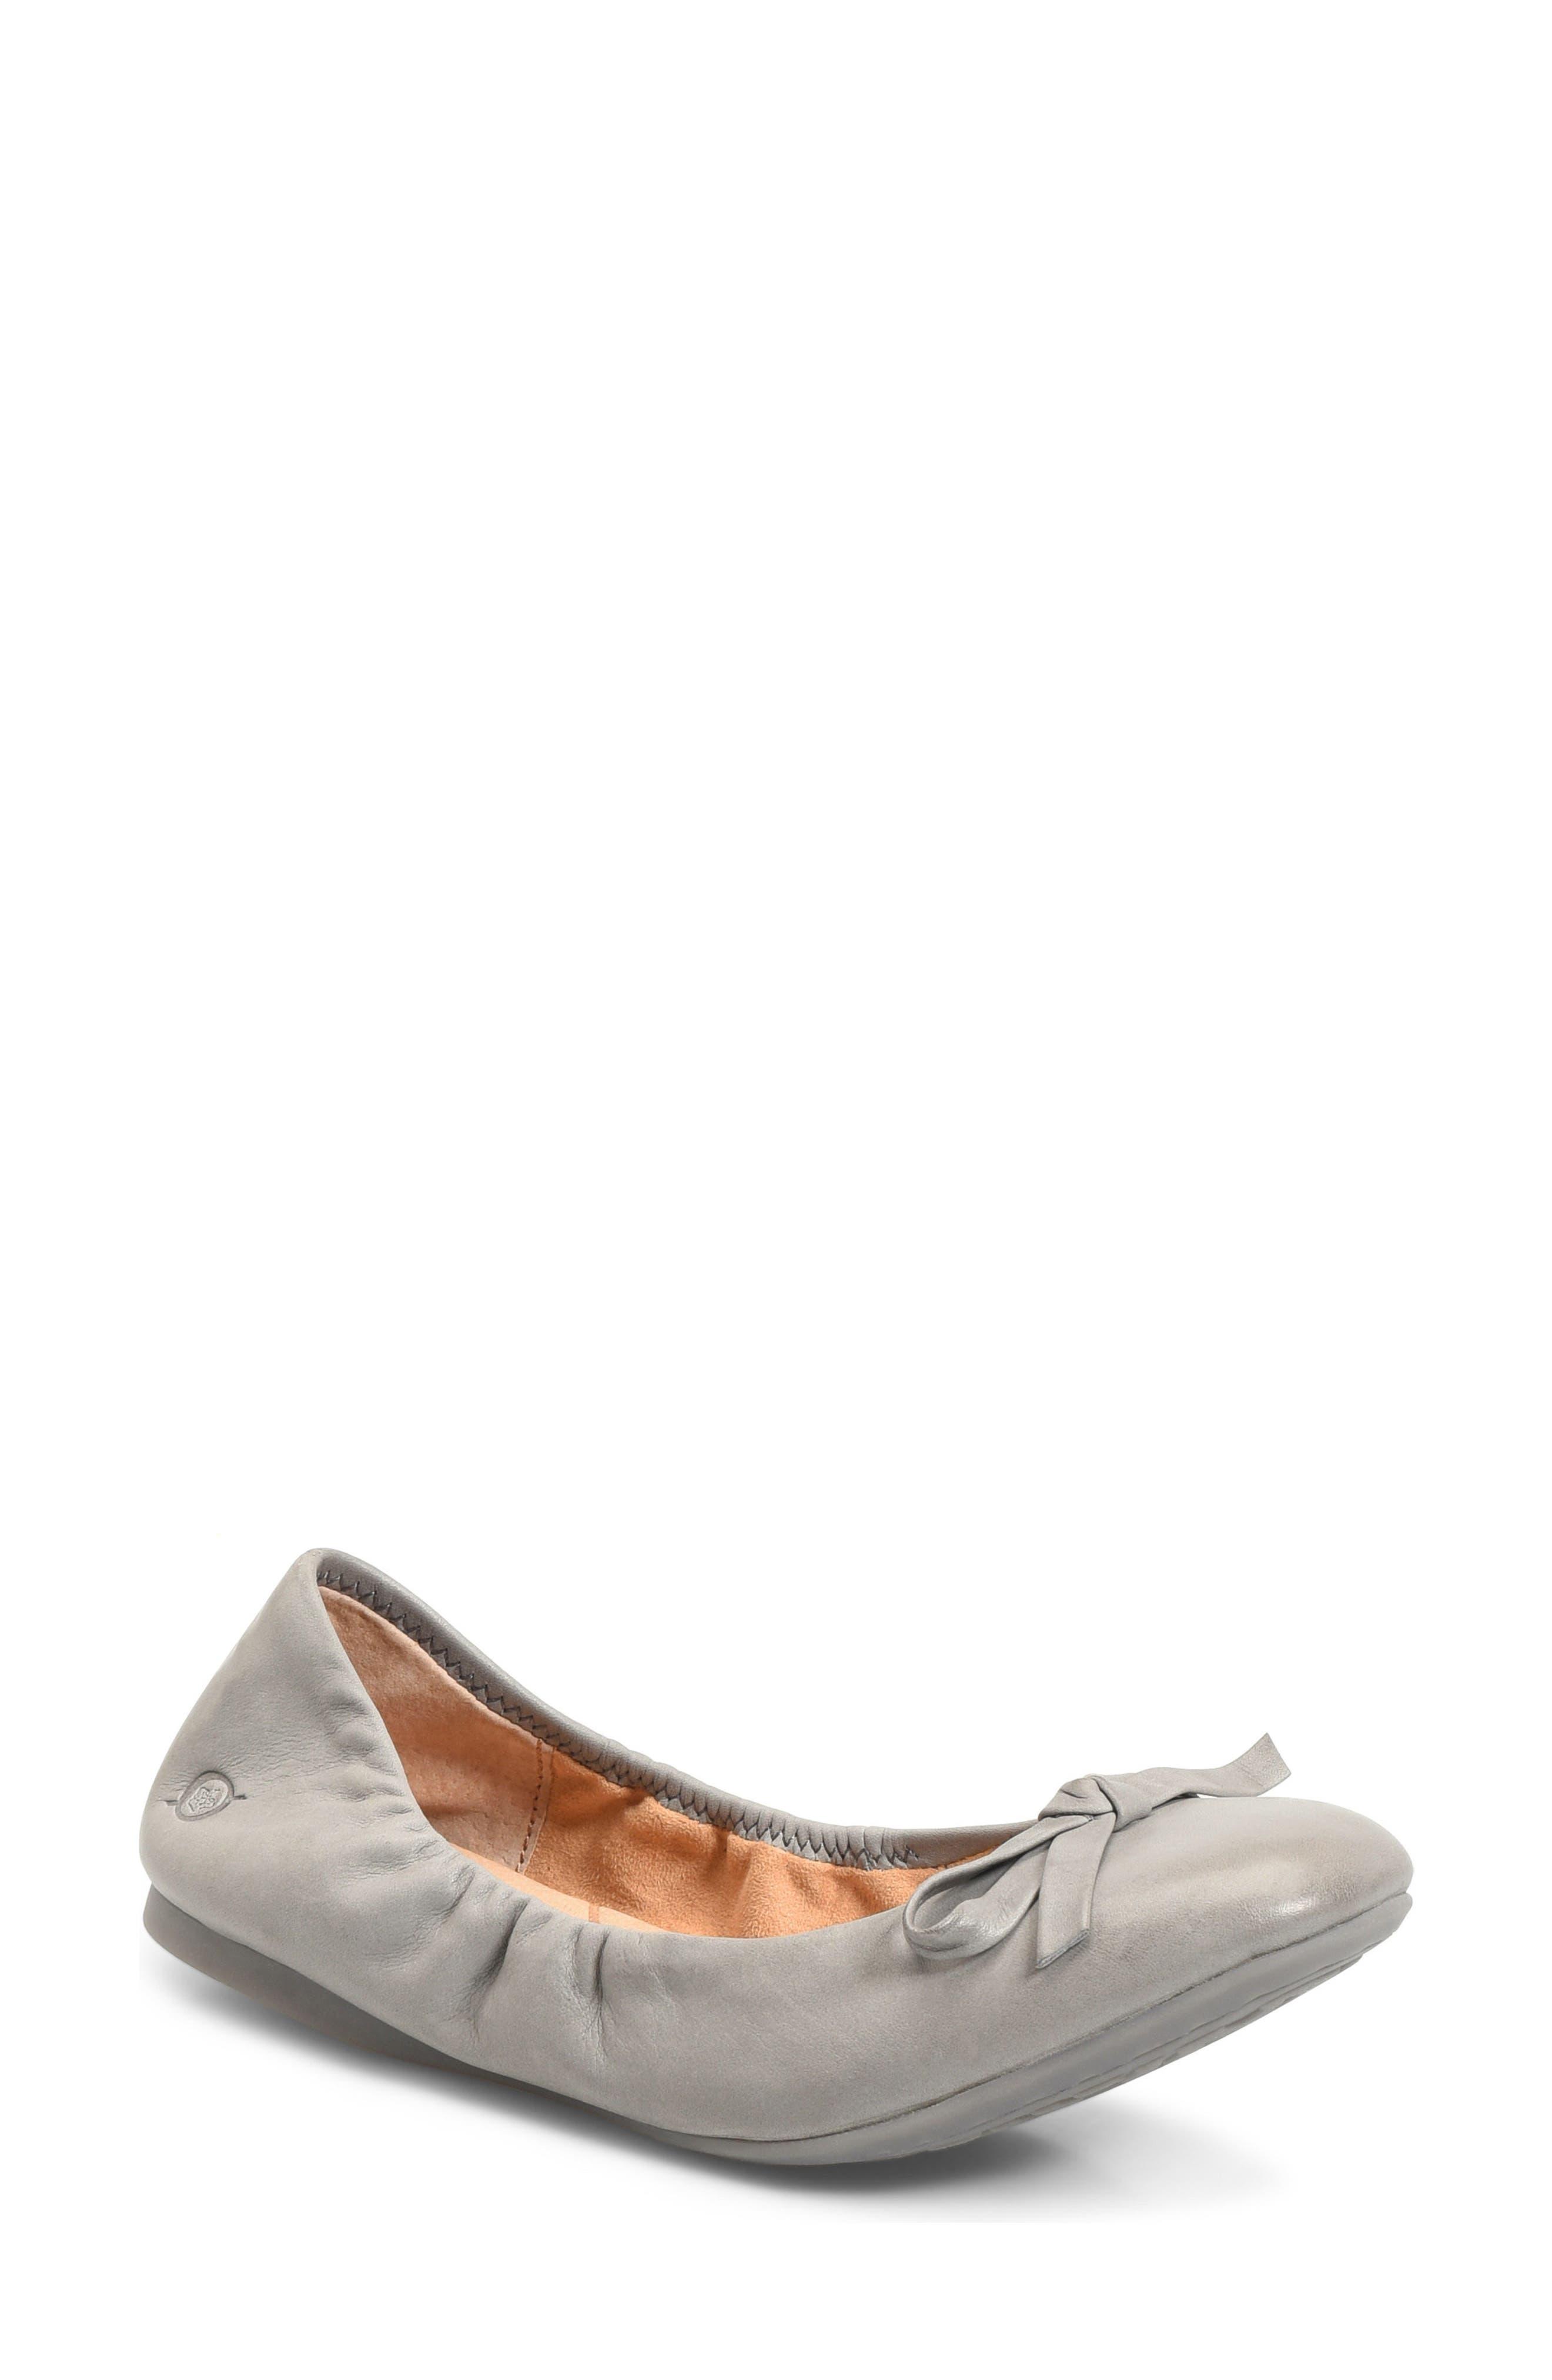 Karoline Ballet Flat,                         Main,                         color, Grey Leather